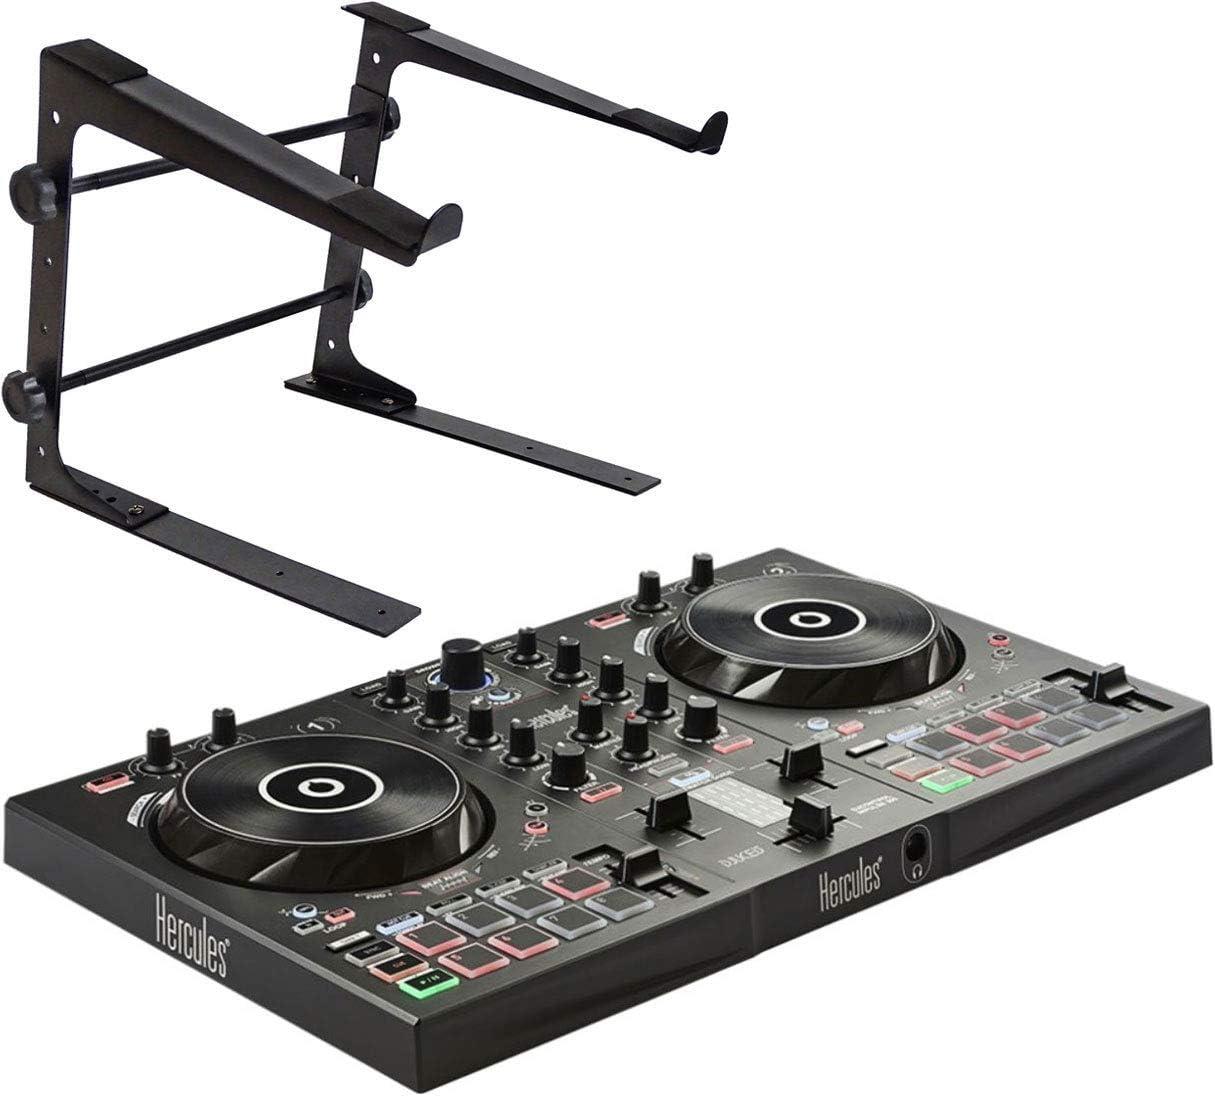 Hercules DJControl Inpulse 300 - Mesa de mezclas para DJ (2 bandejas, incluye soporte para portátil Keepdrum): Amazon.es: Instrumentos musicales